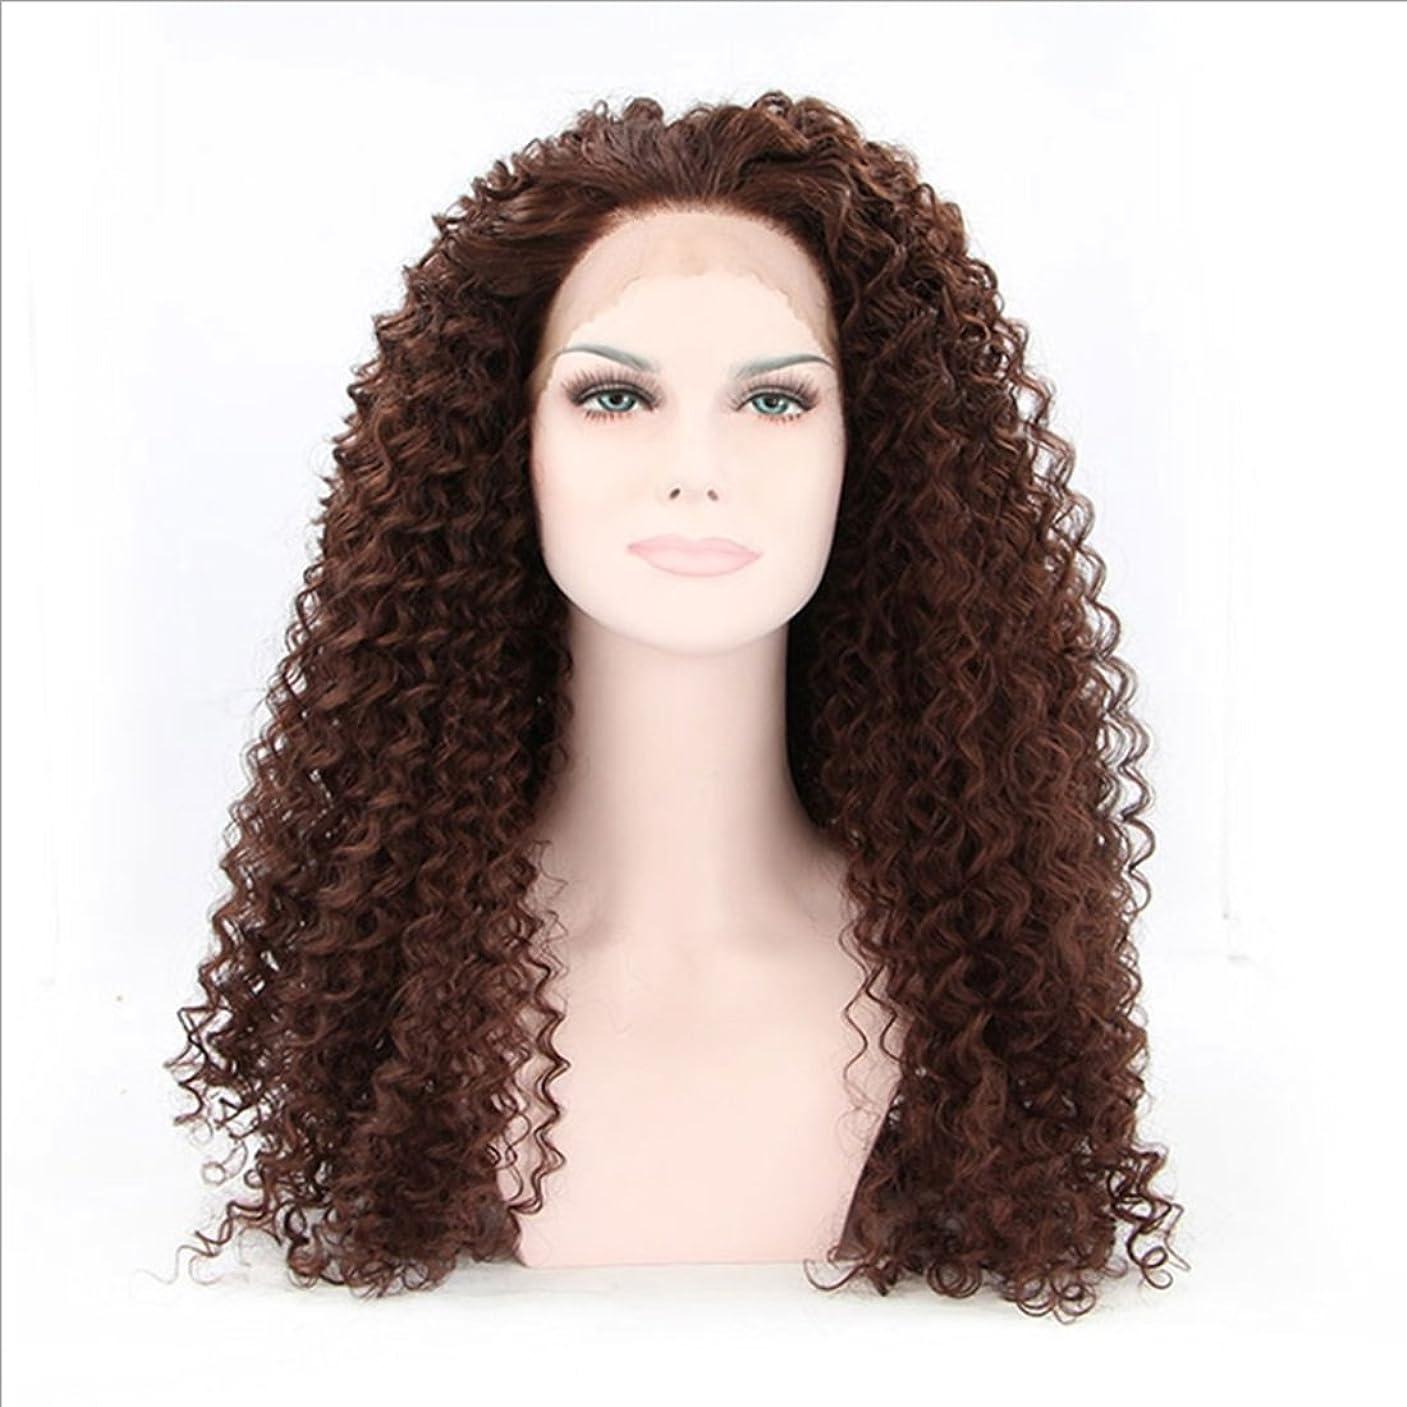 過度のウルル不均一Koloeplf (ブラウン黒、黒)女性のための耐熱性のウィッグレース前部アフリカンスモールロールズナチュラルカラーの髪完全な手織りの髪のための合成長いカーリーウィッグ (Color : Brownish black)